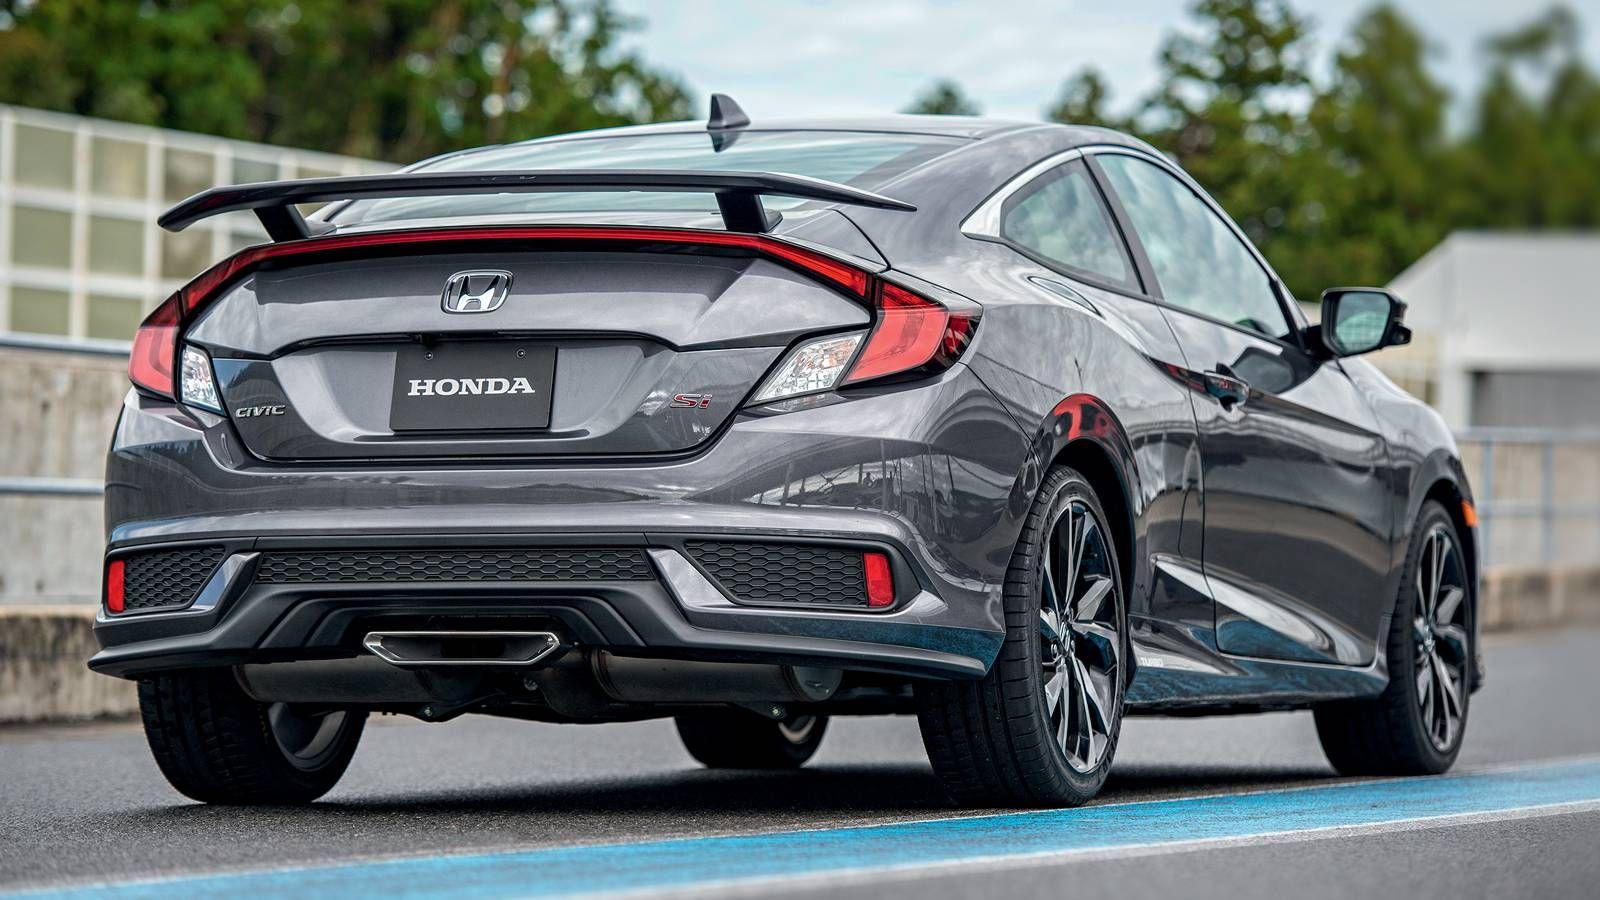 Elemento Optico Vermelho Une As Duas Lanternas Honda Civic Honda Honda Civic Vtec